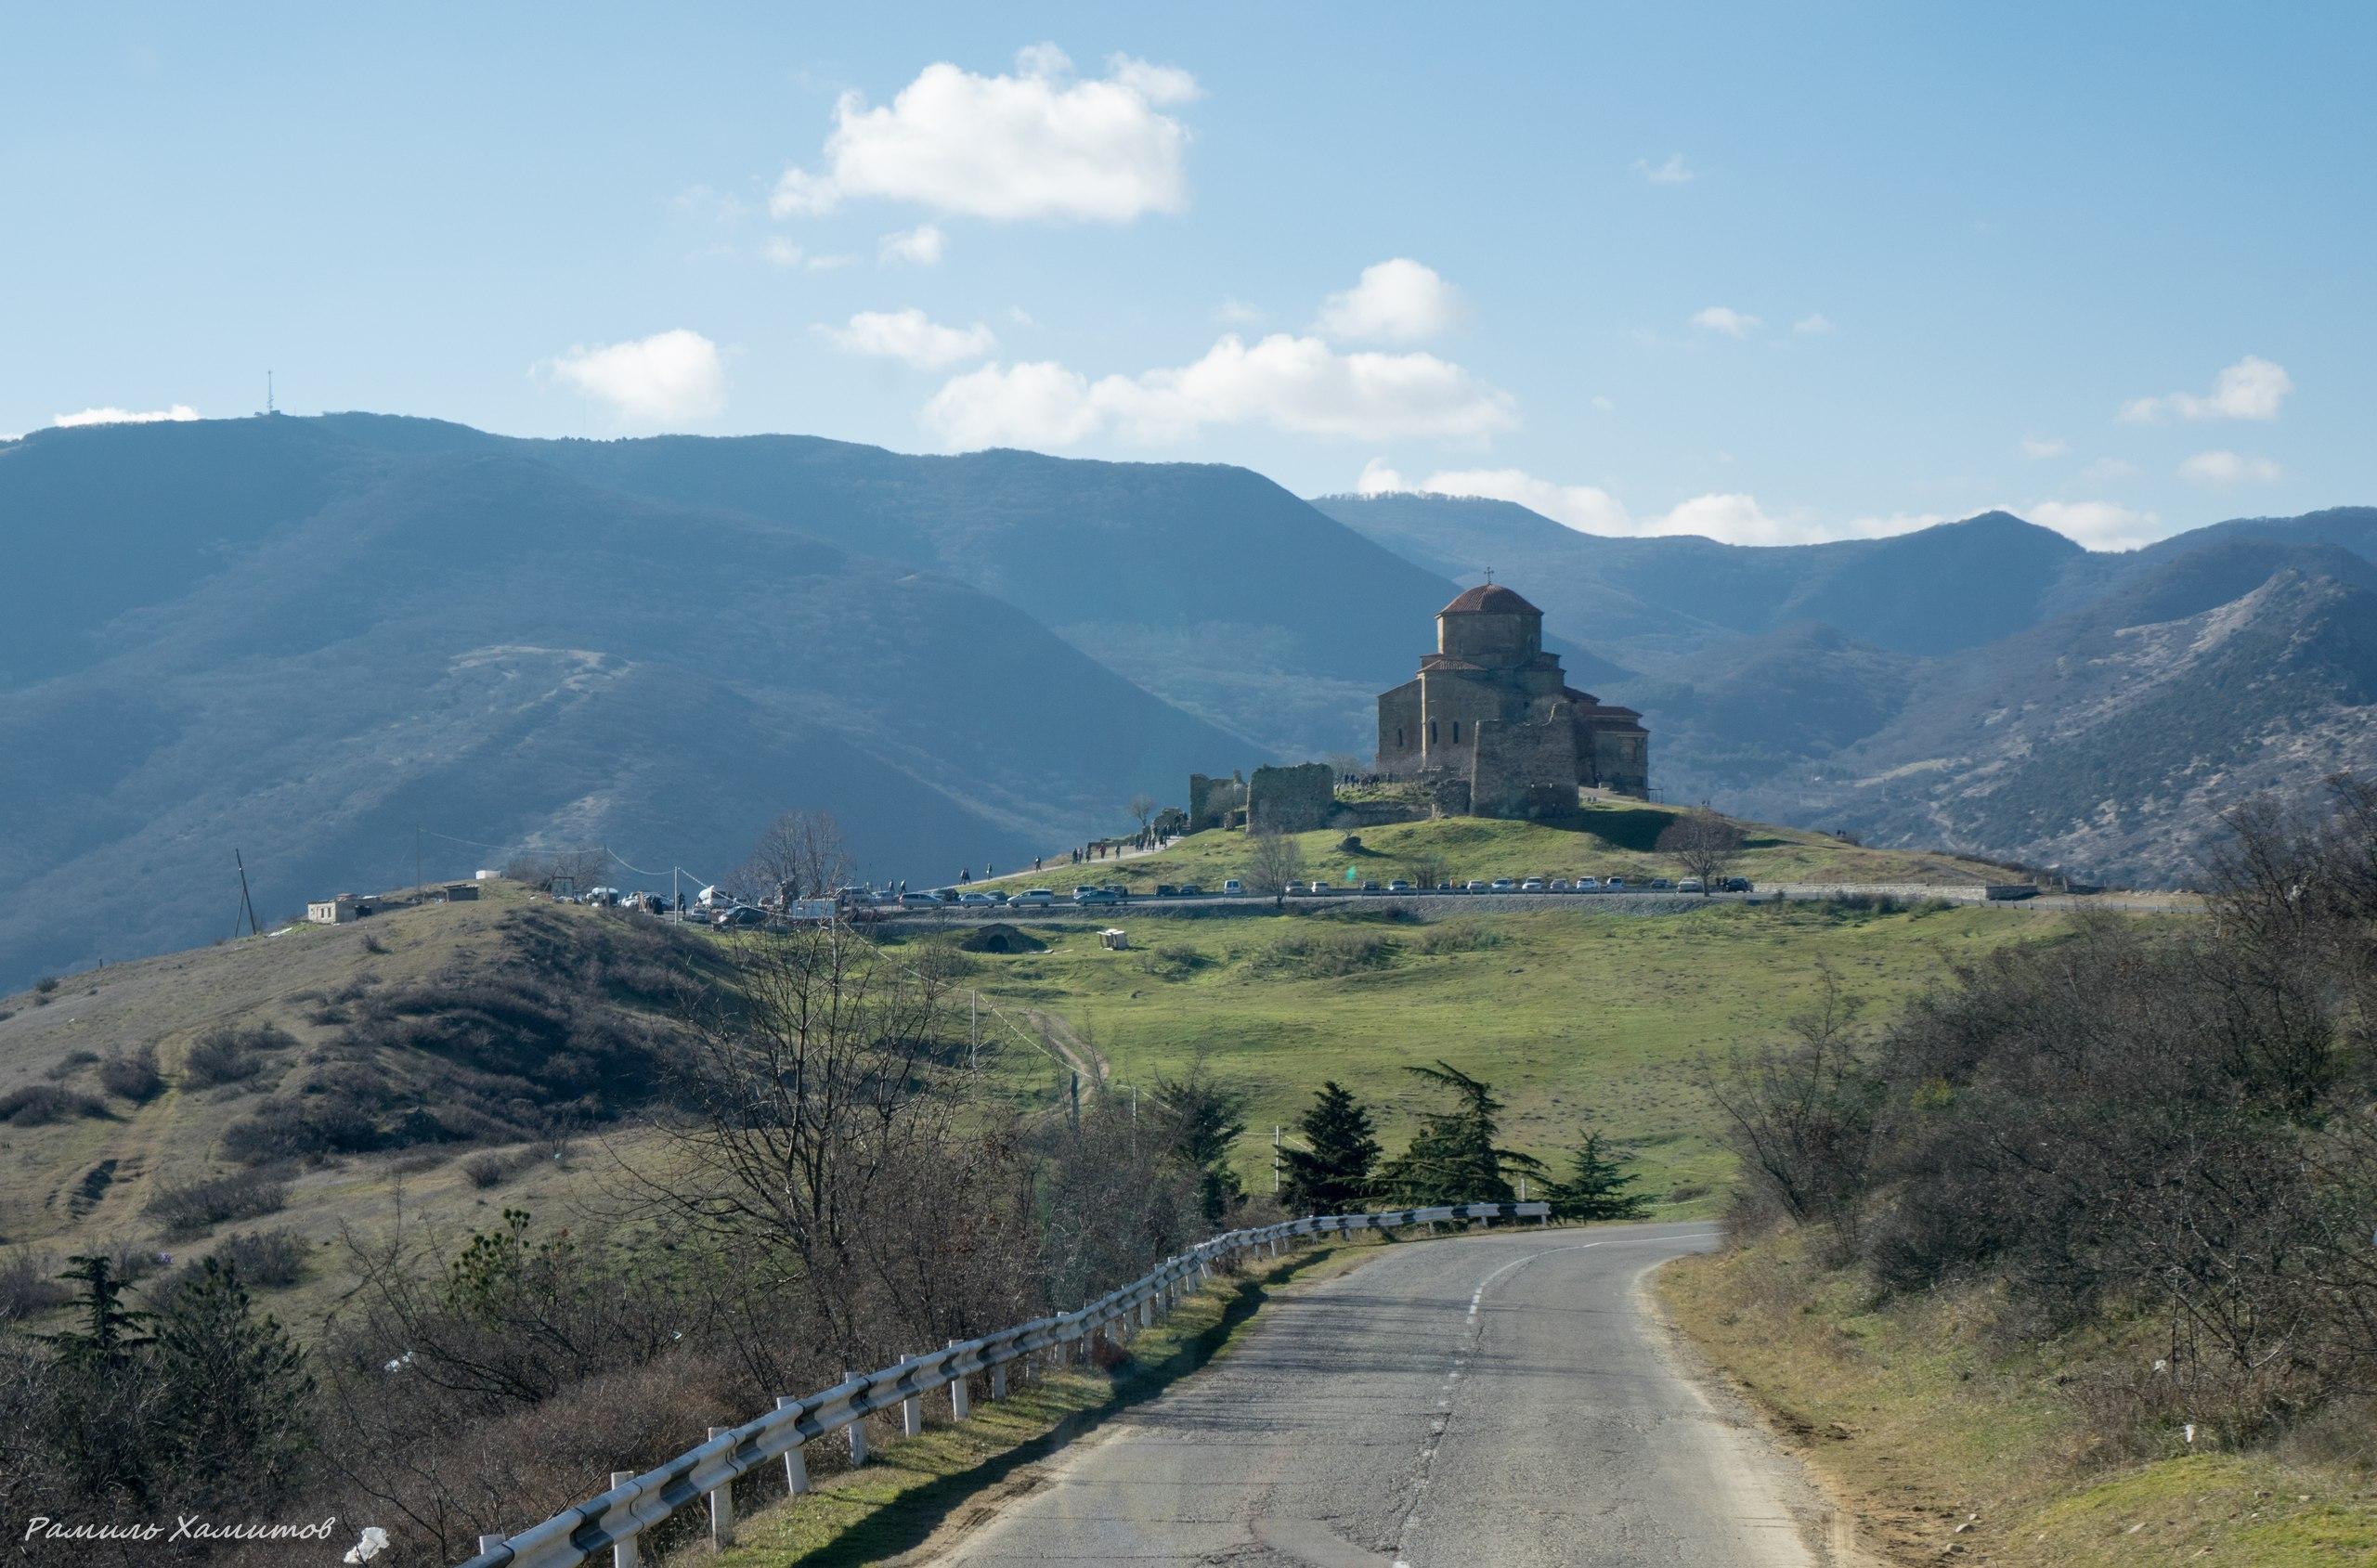 Джвари (монастырь) расположен на вершине горы у слияния Куры и Арагви близ Мцхеты — там, где согласно историческим источникам воздвигла крест святая равноапостольная Нина. Джвари — один из шедевров архитектуры по совершенству архитектурных форм.